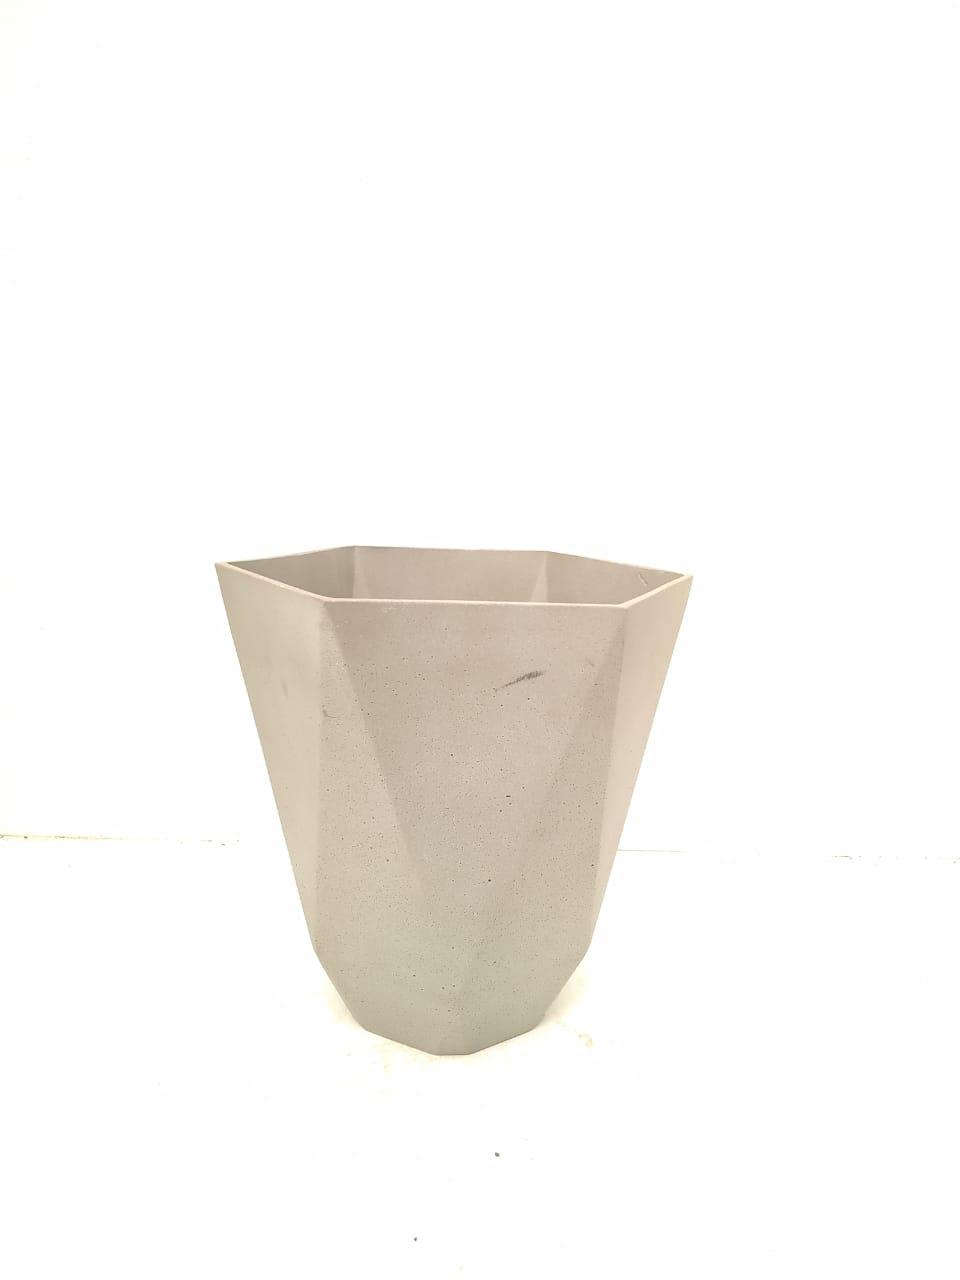 Sandstone Pot Hex Nat Cement Medium Pots & Vases